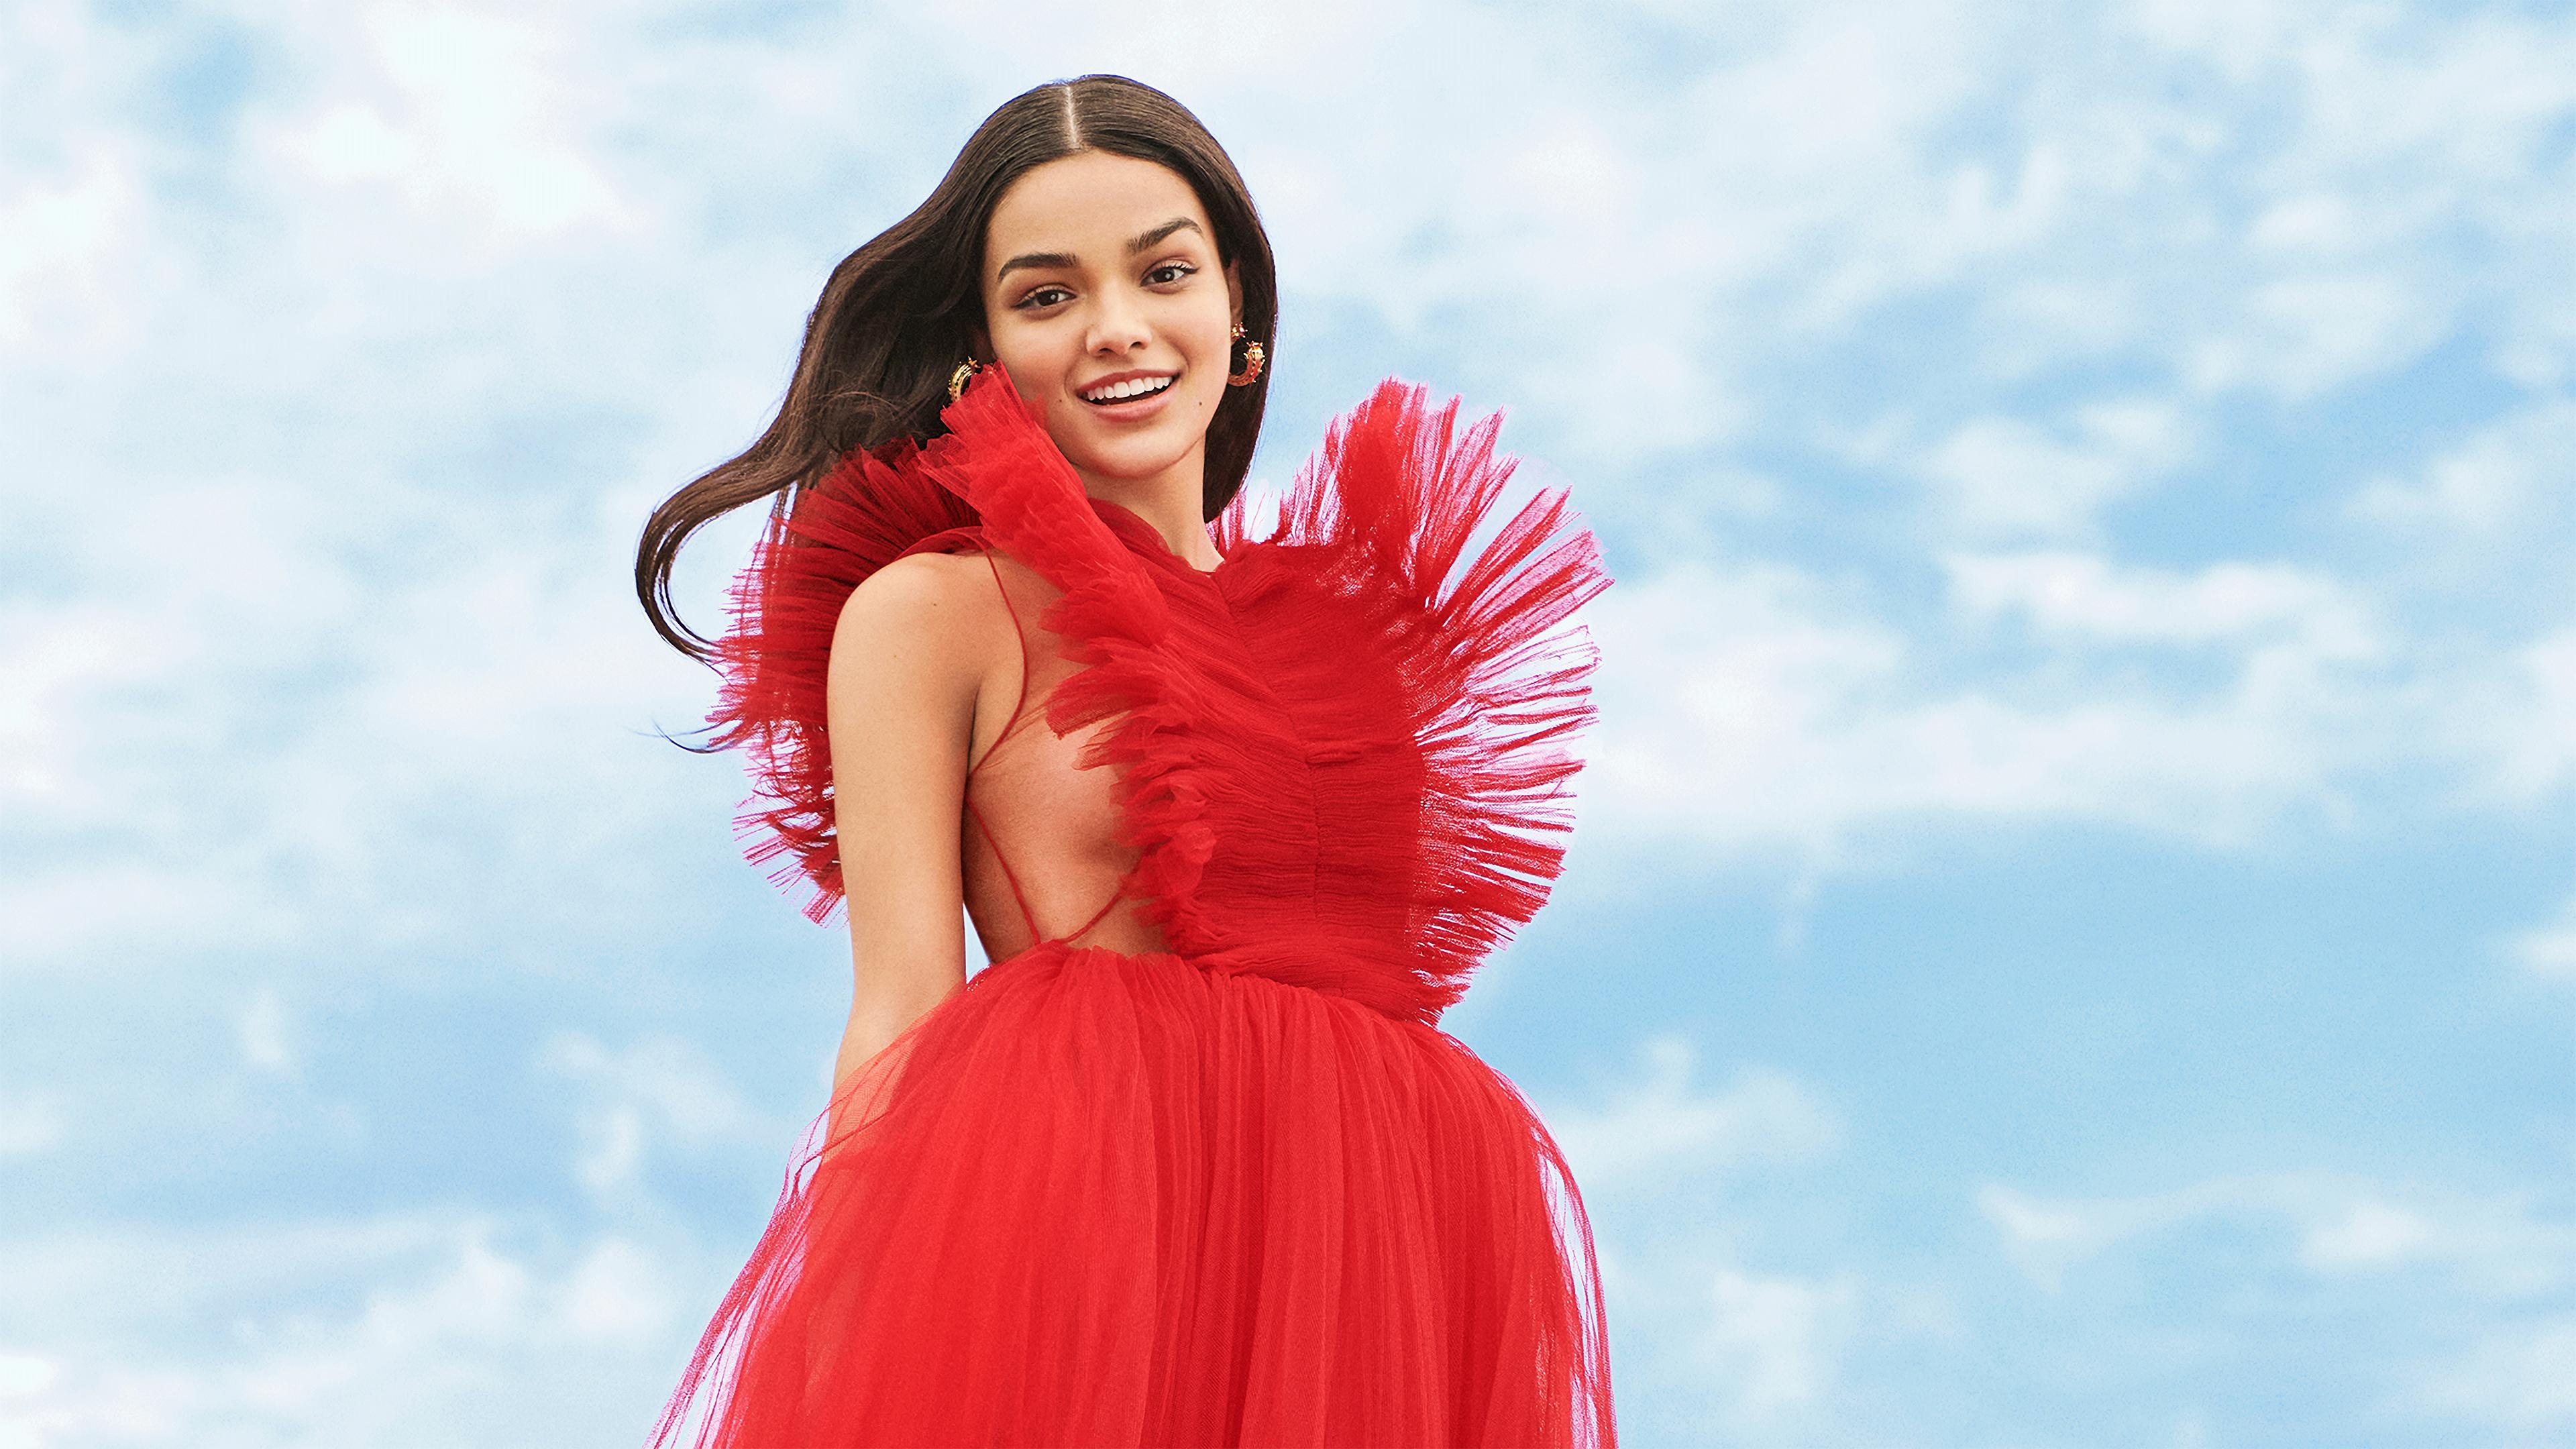 Wallpaper Rachel Zegler red dress